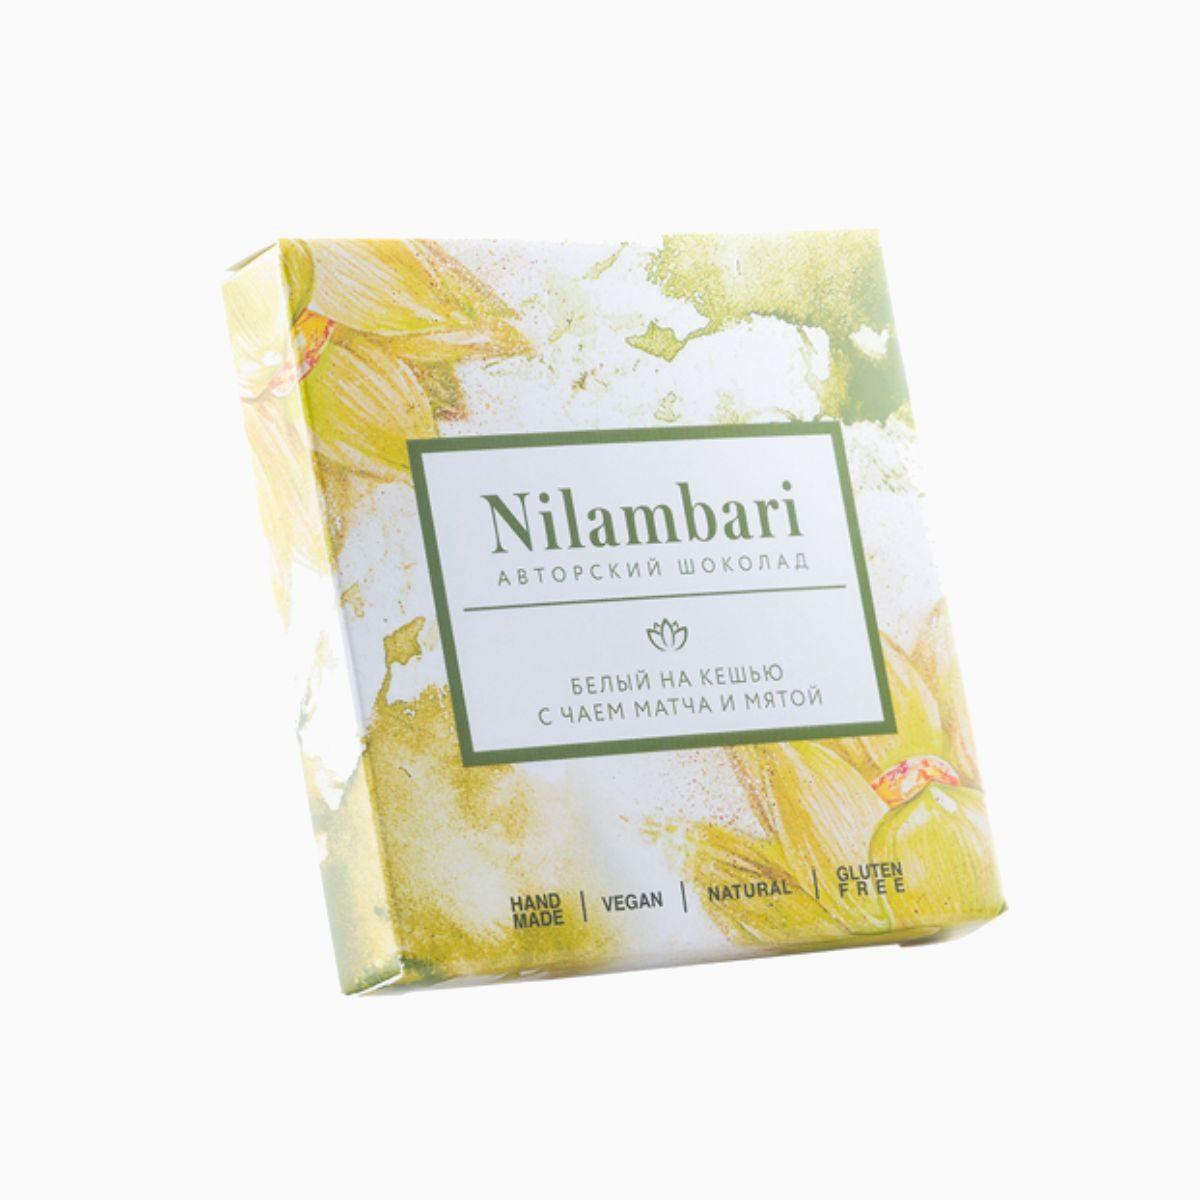 Шоколад белый на кешью с чаем матча и мятой, Nilambari, 65 г